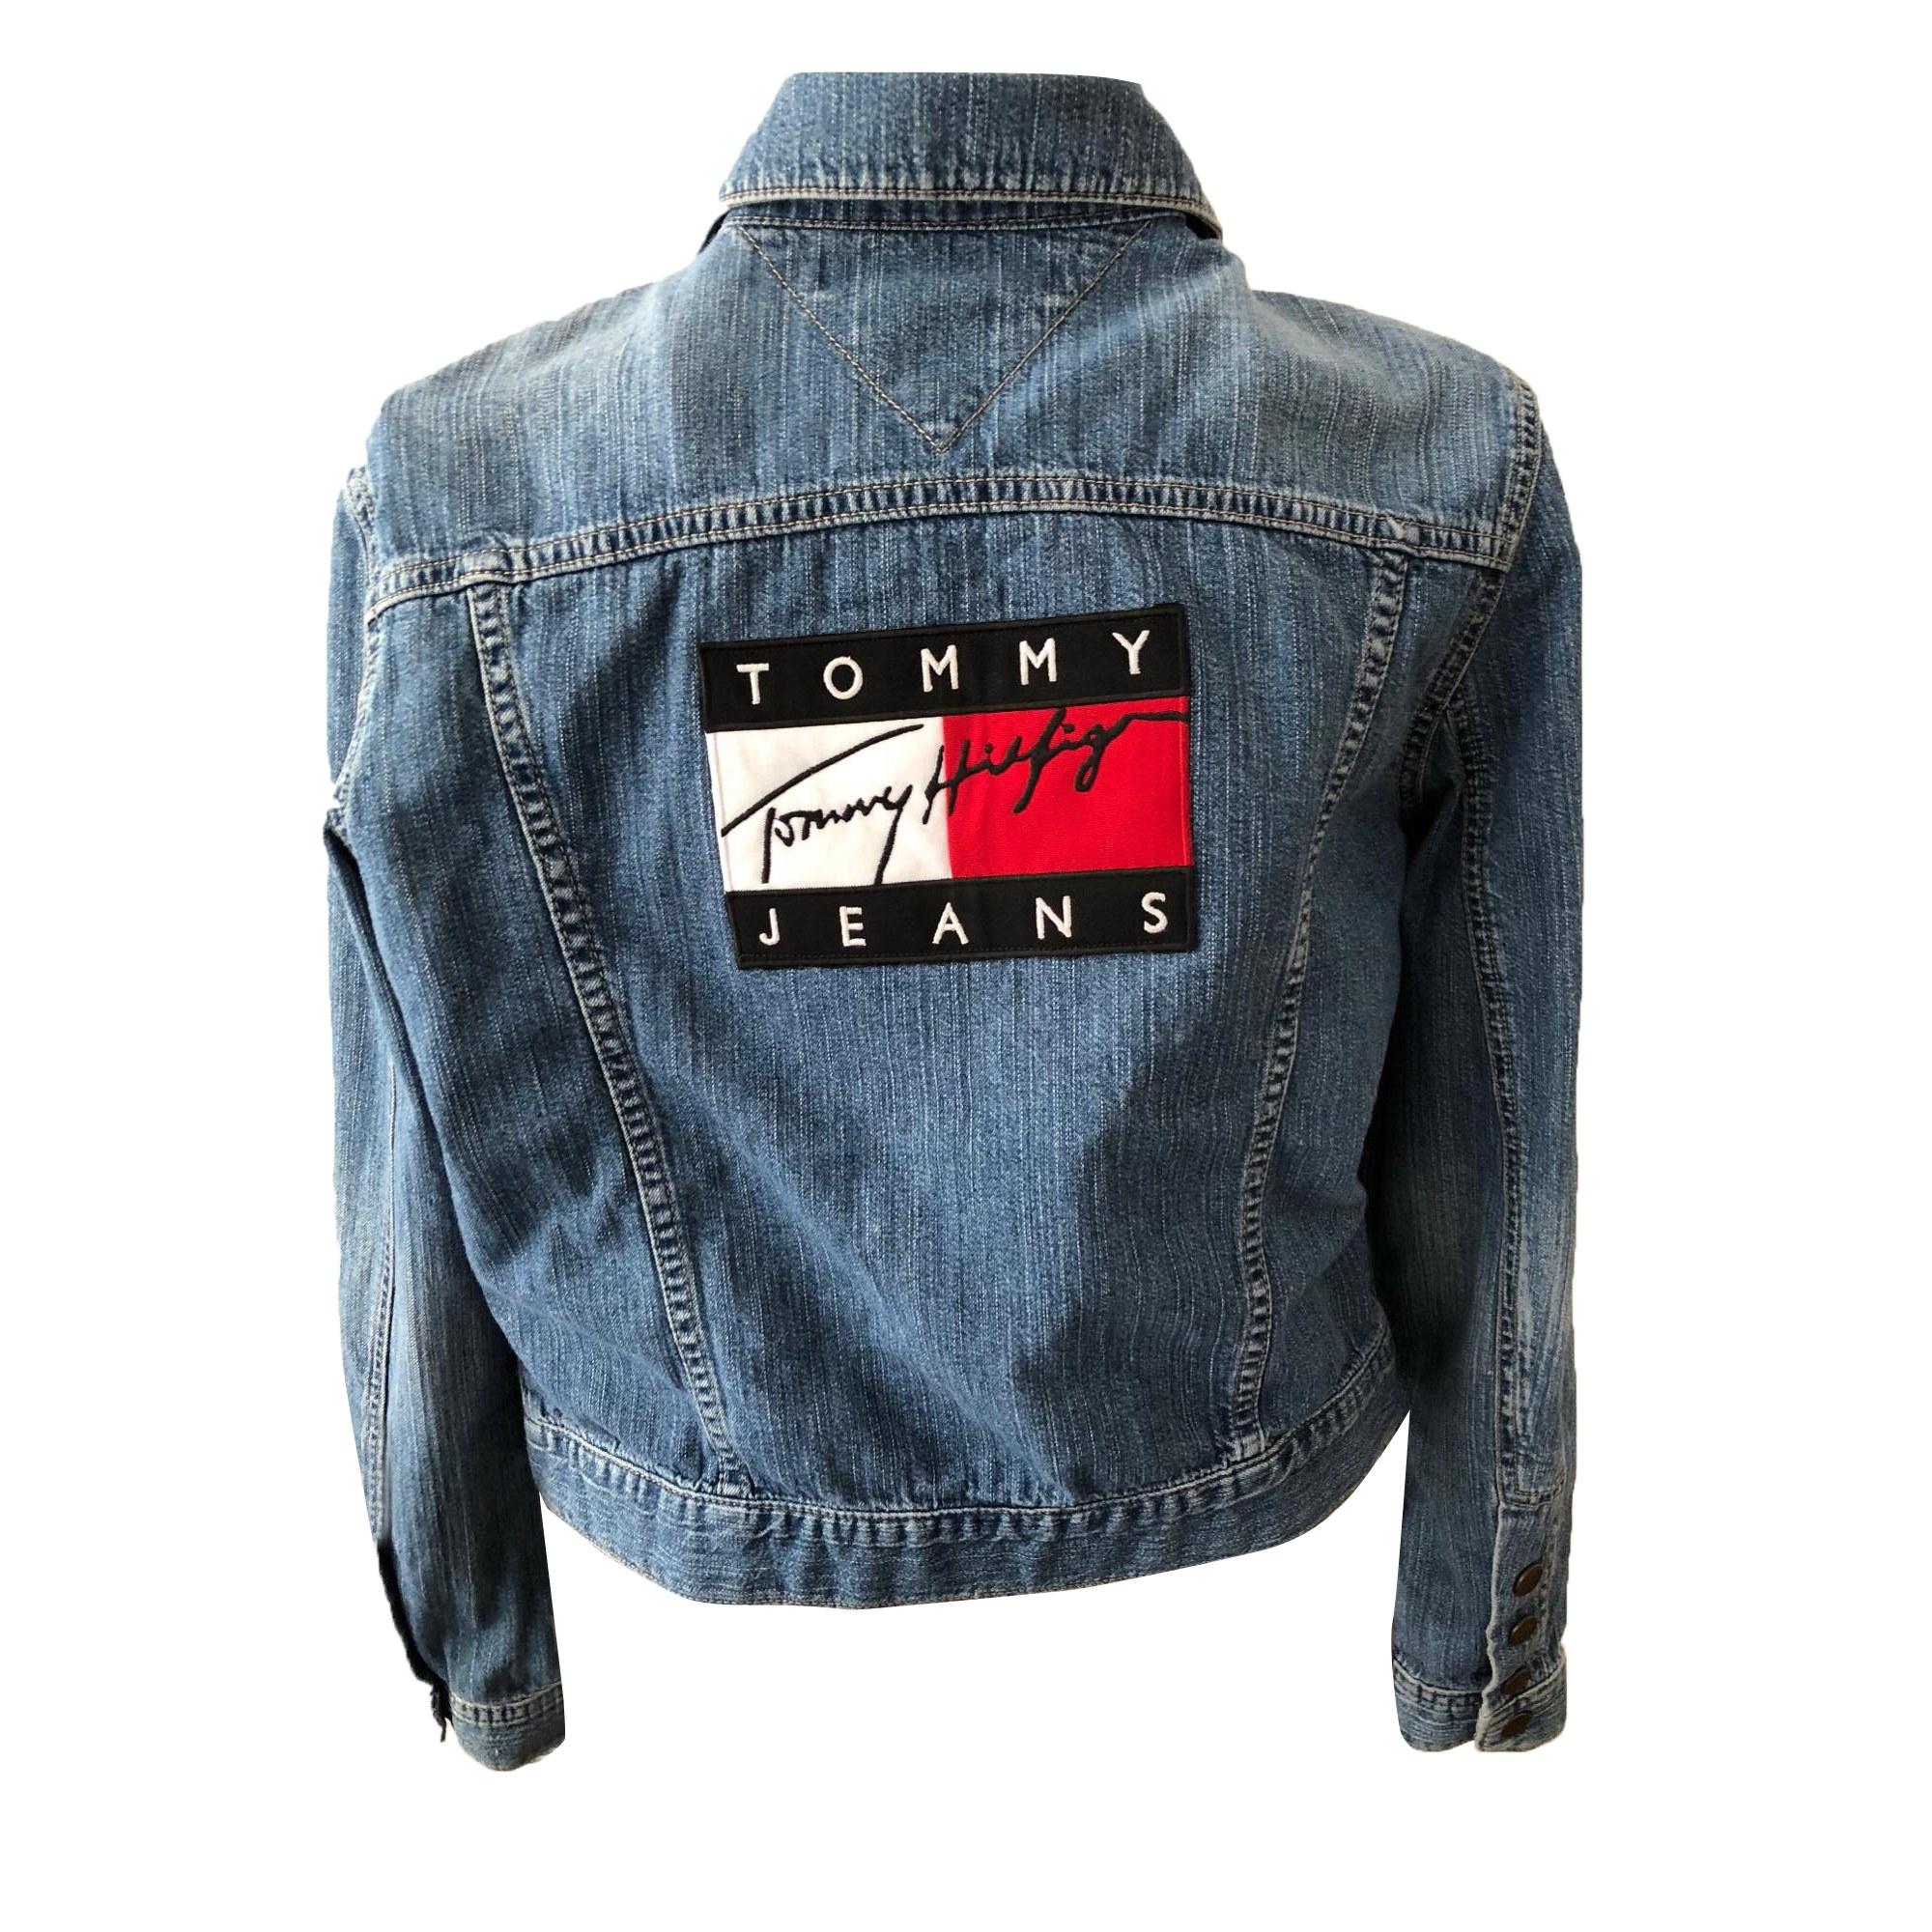 Veste en jean TOMMY HILFIGER 38 (M, T2) bleu vendu par L amie caline ... 3526110c4a26